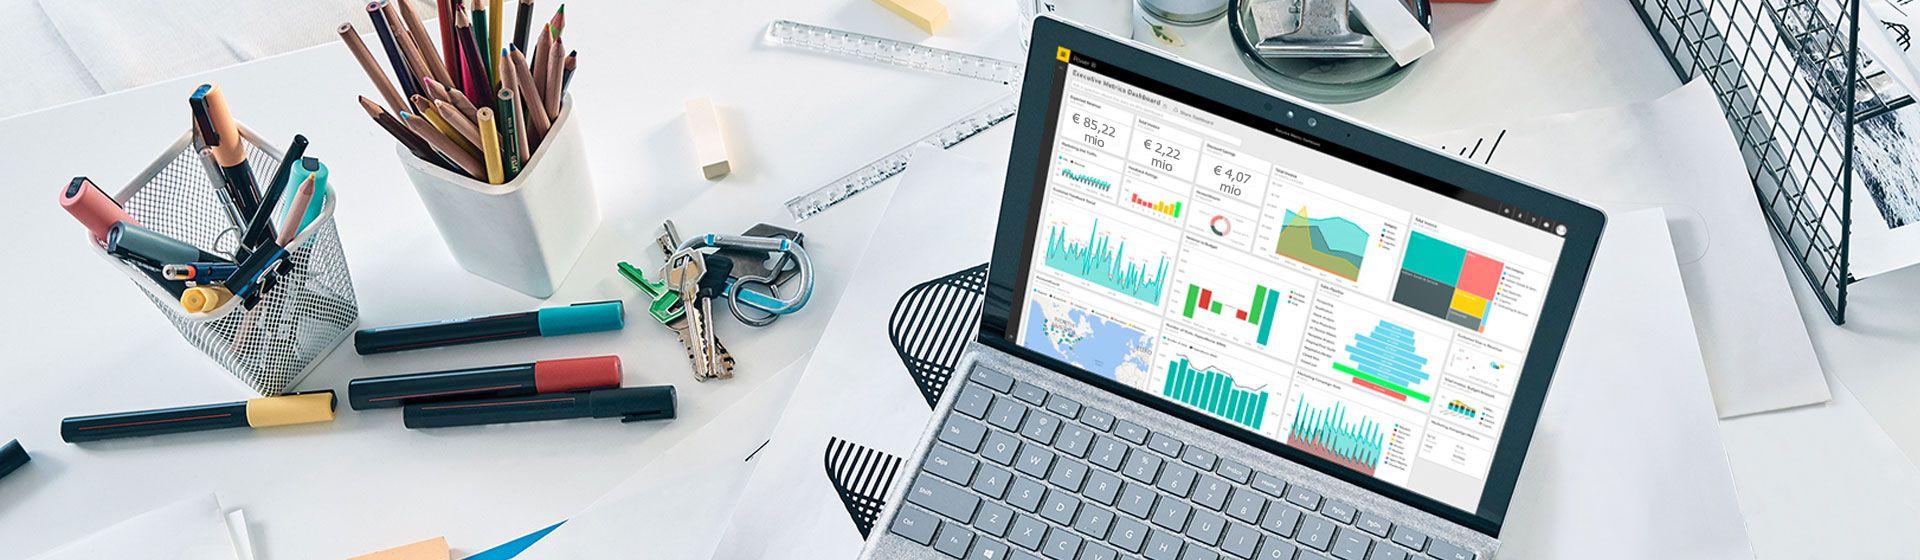 Scrivania vuota con il monitor di un desktop che visualizza Power BI